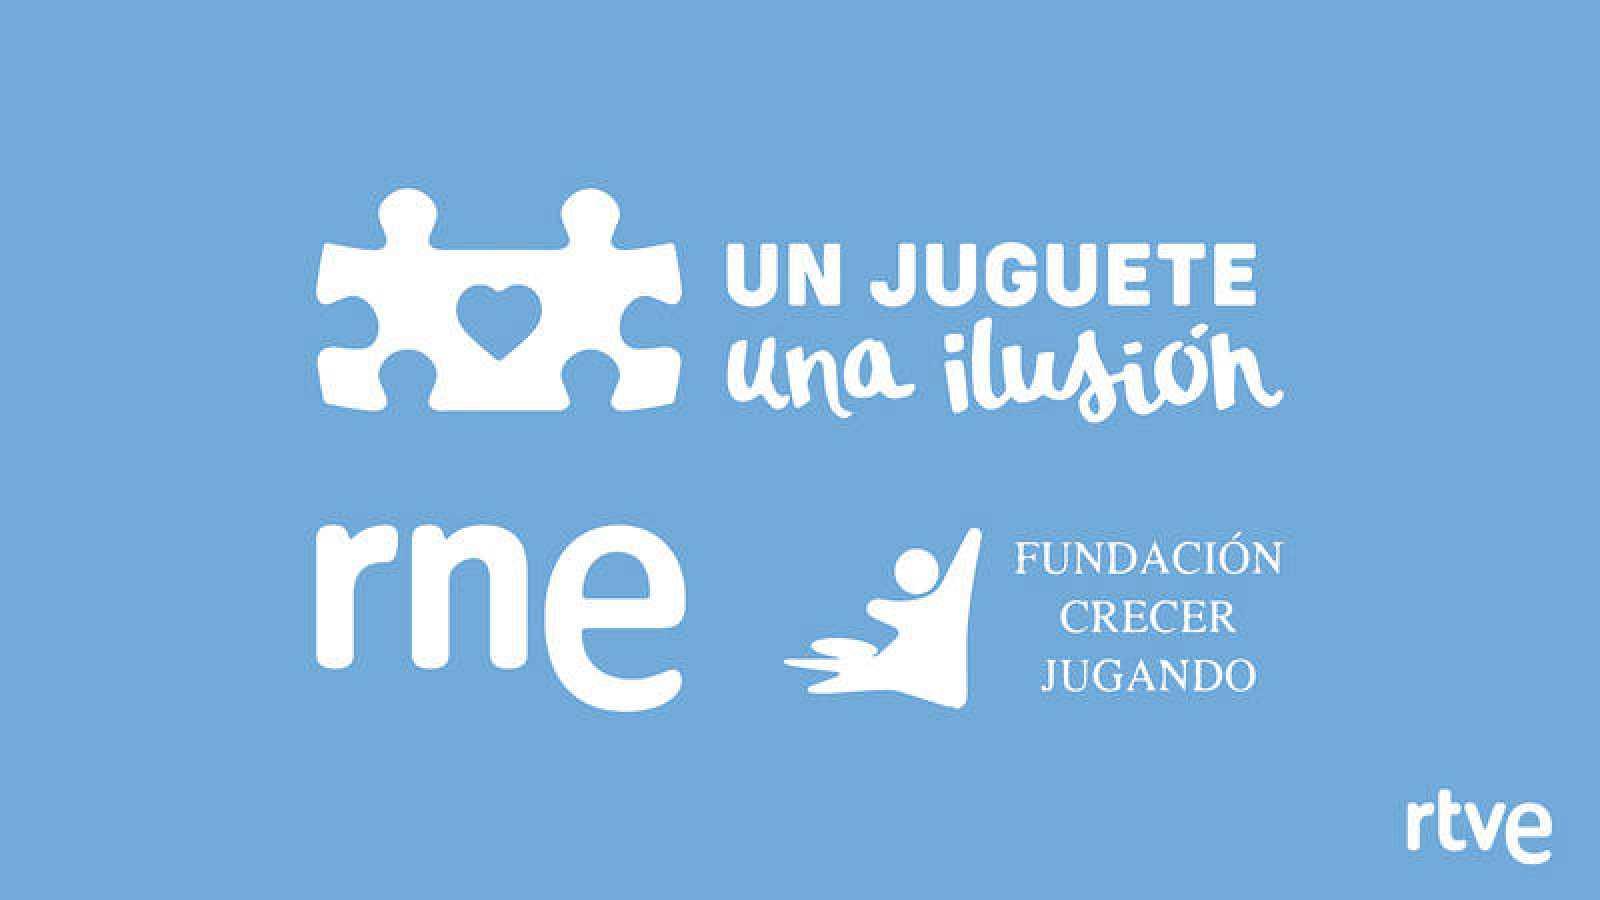 Logo Un juguete, una ilusión